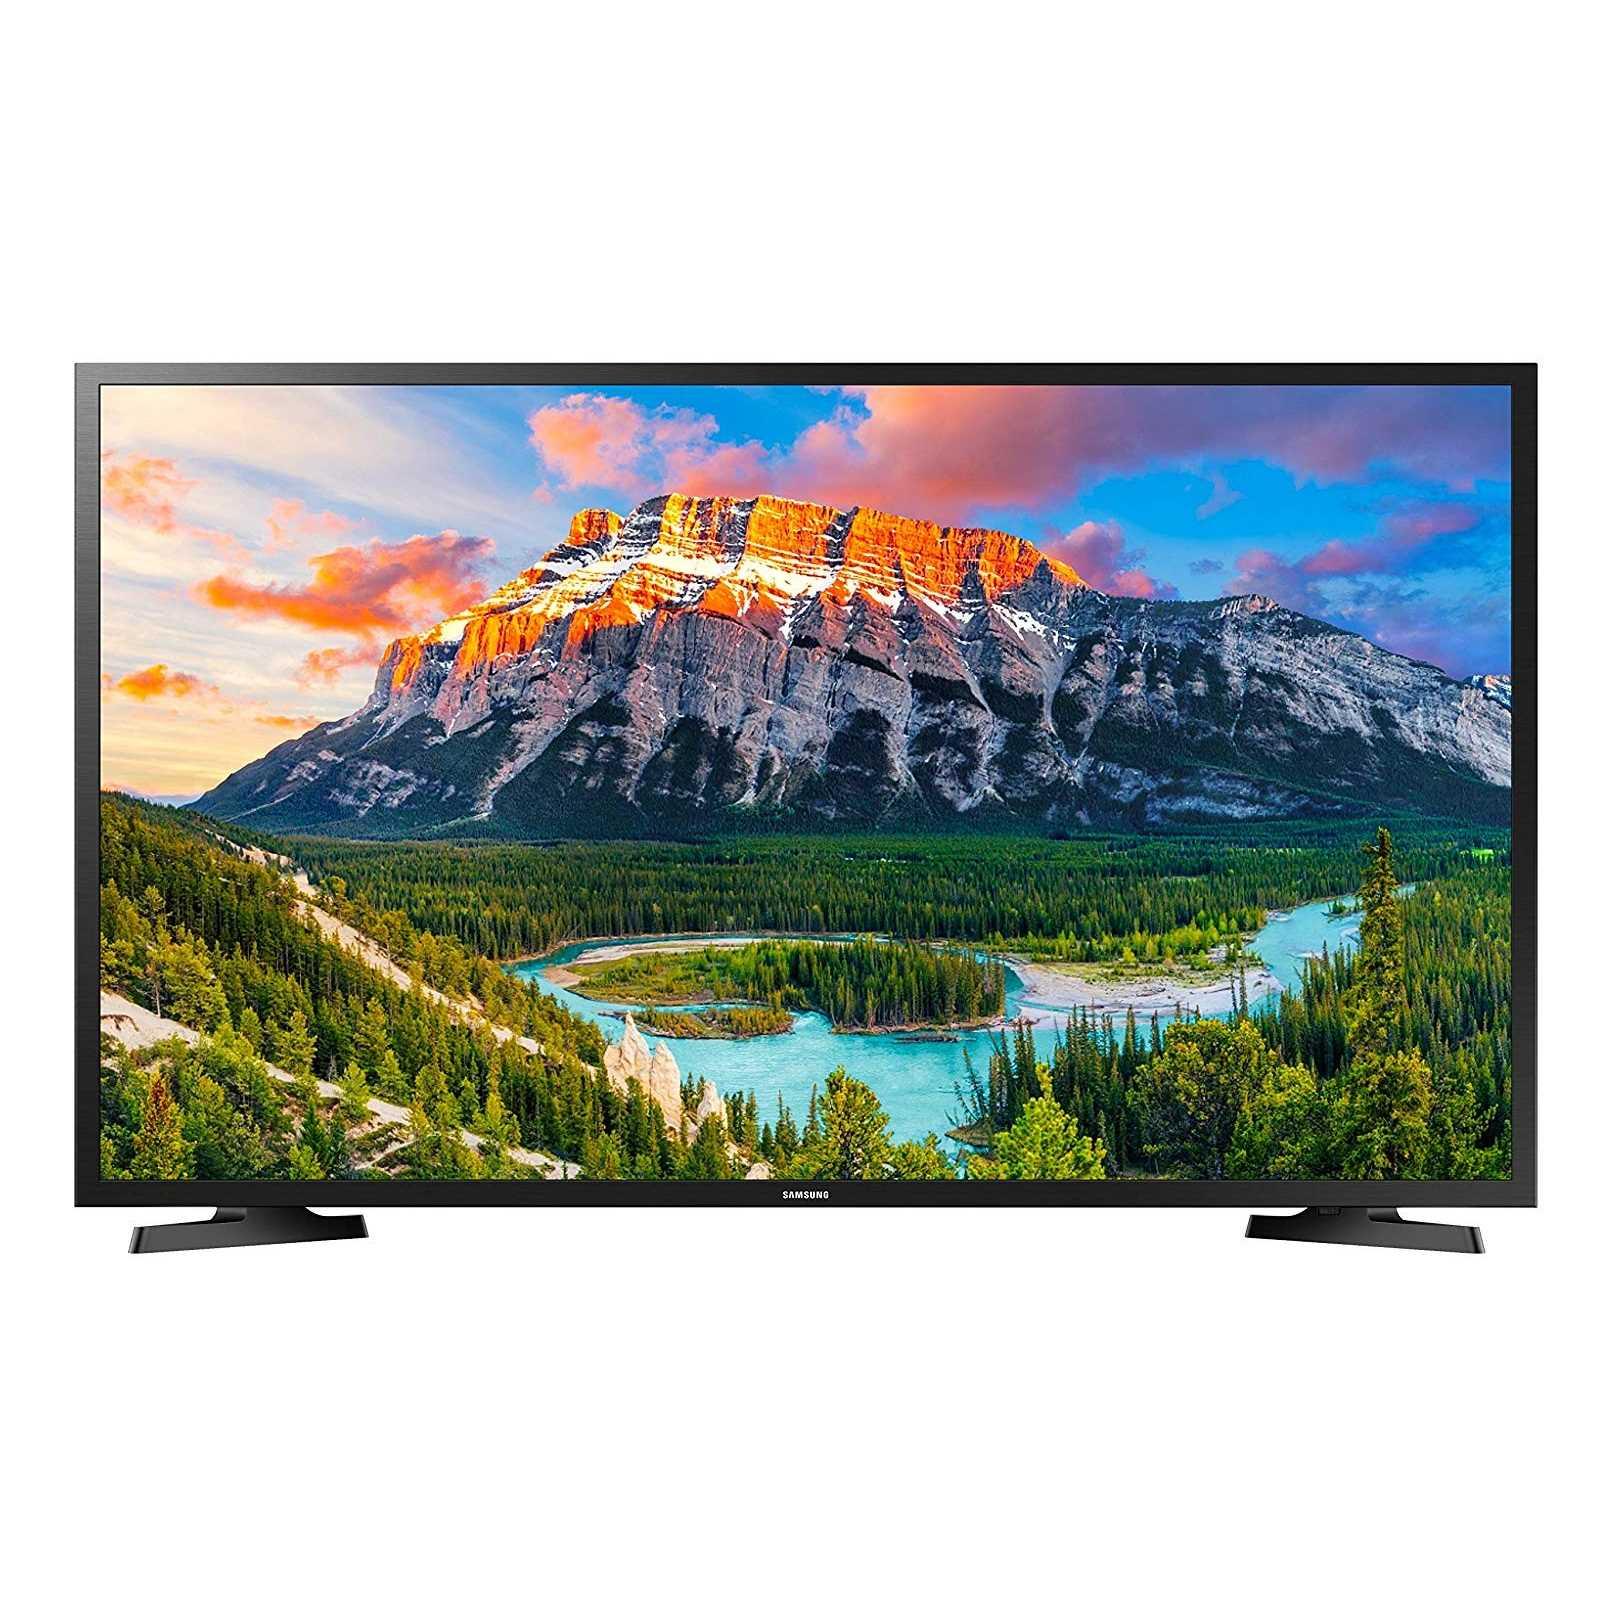 Thomson UD9 50TH1000 50 Inch 4K Ultra HD Smart LED